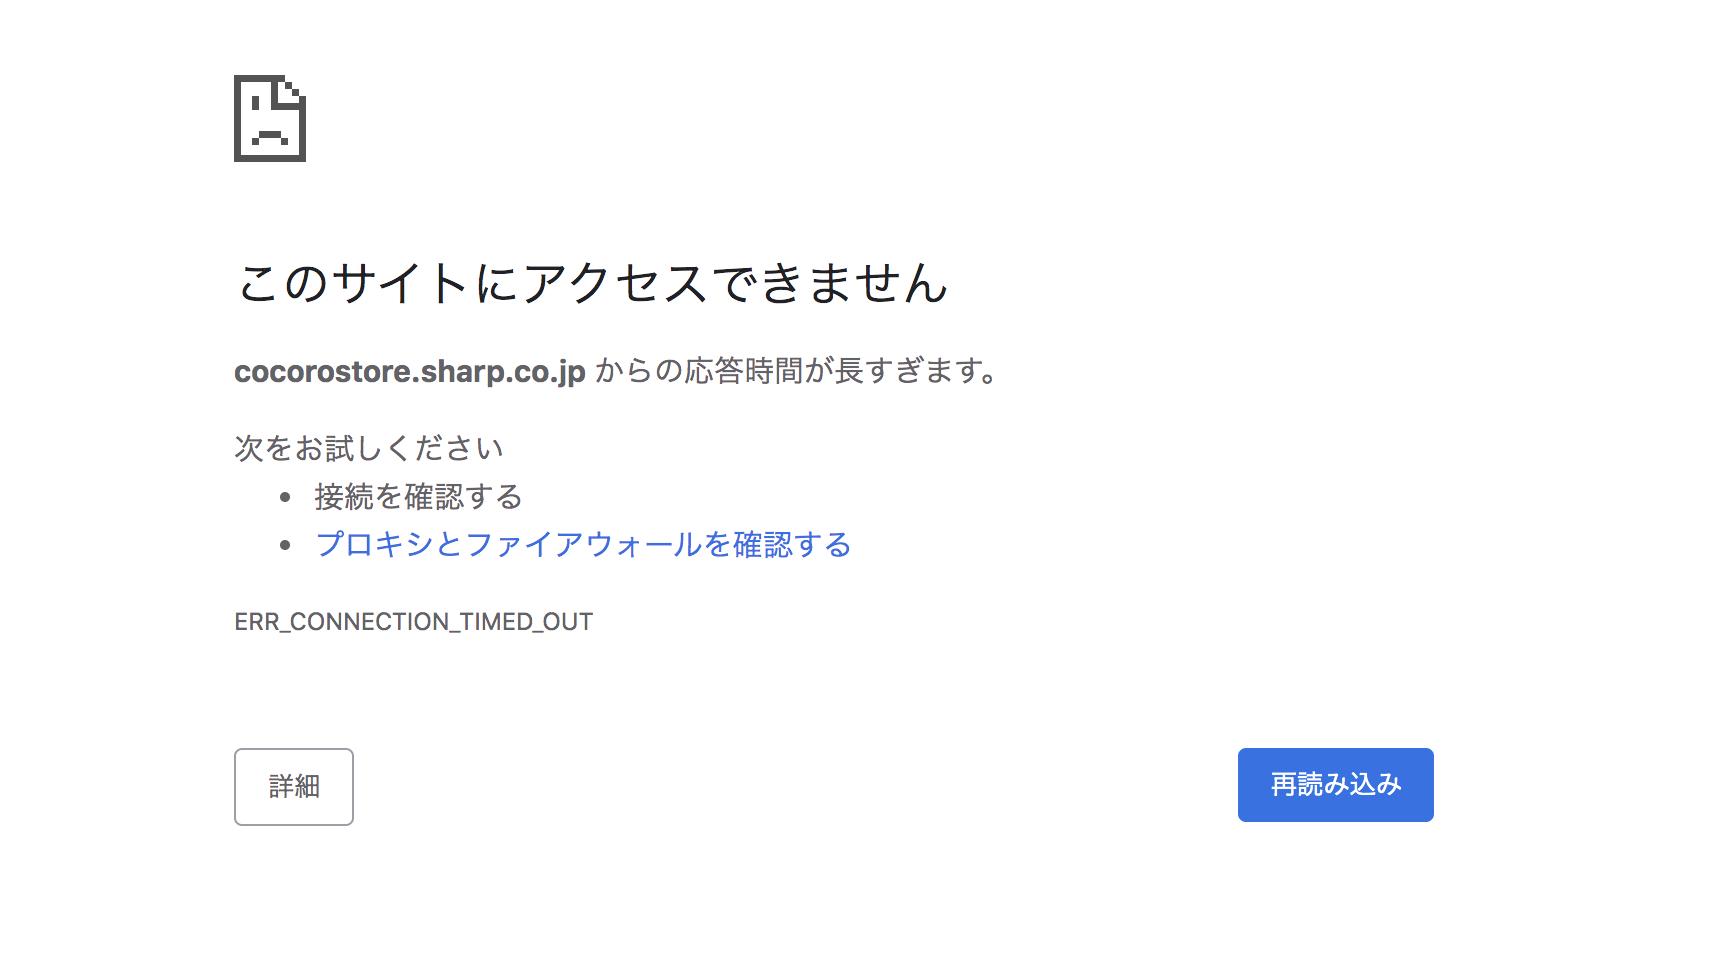 シャープのマスクの販売サイトが繋がらない?「このサイトに接続できません」と表示 アクセス集中でサーバーダウンか?